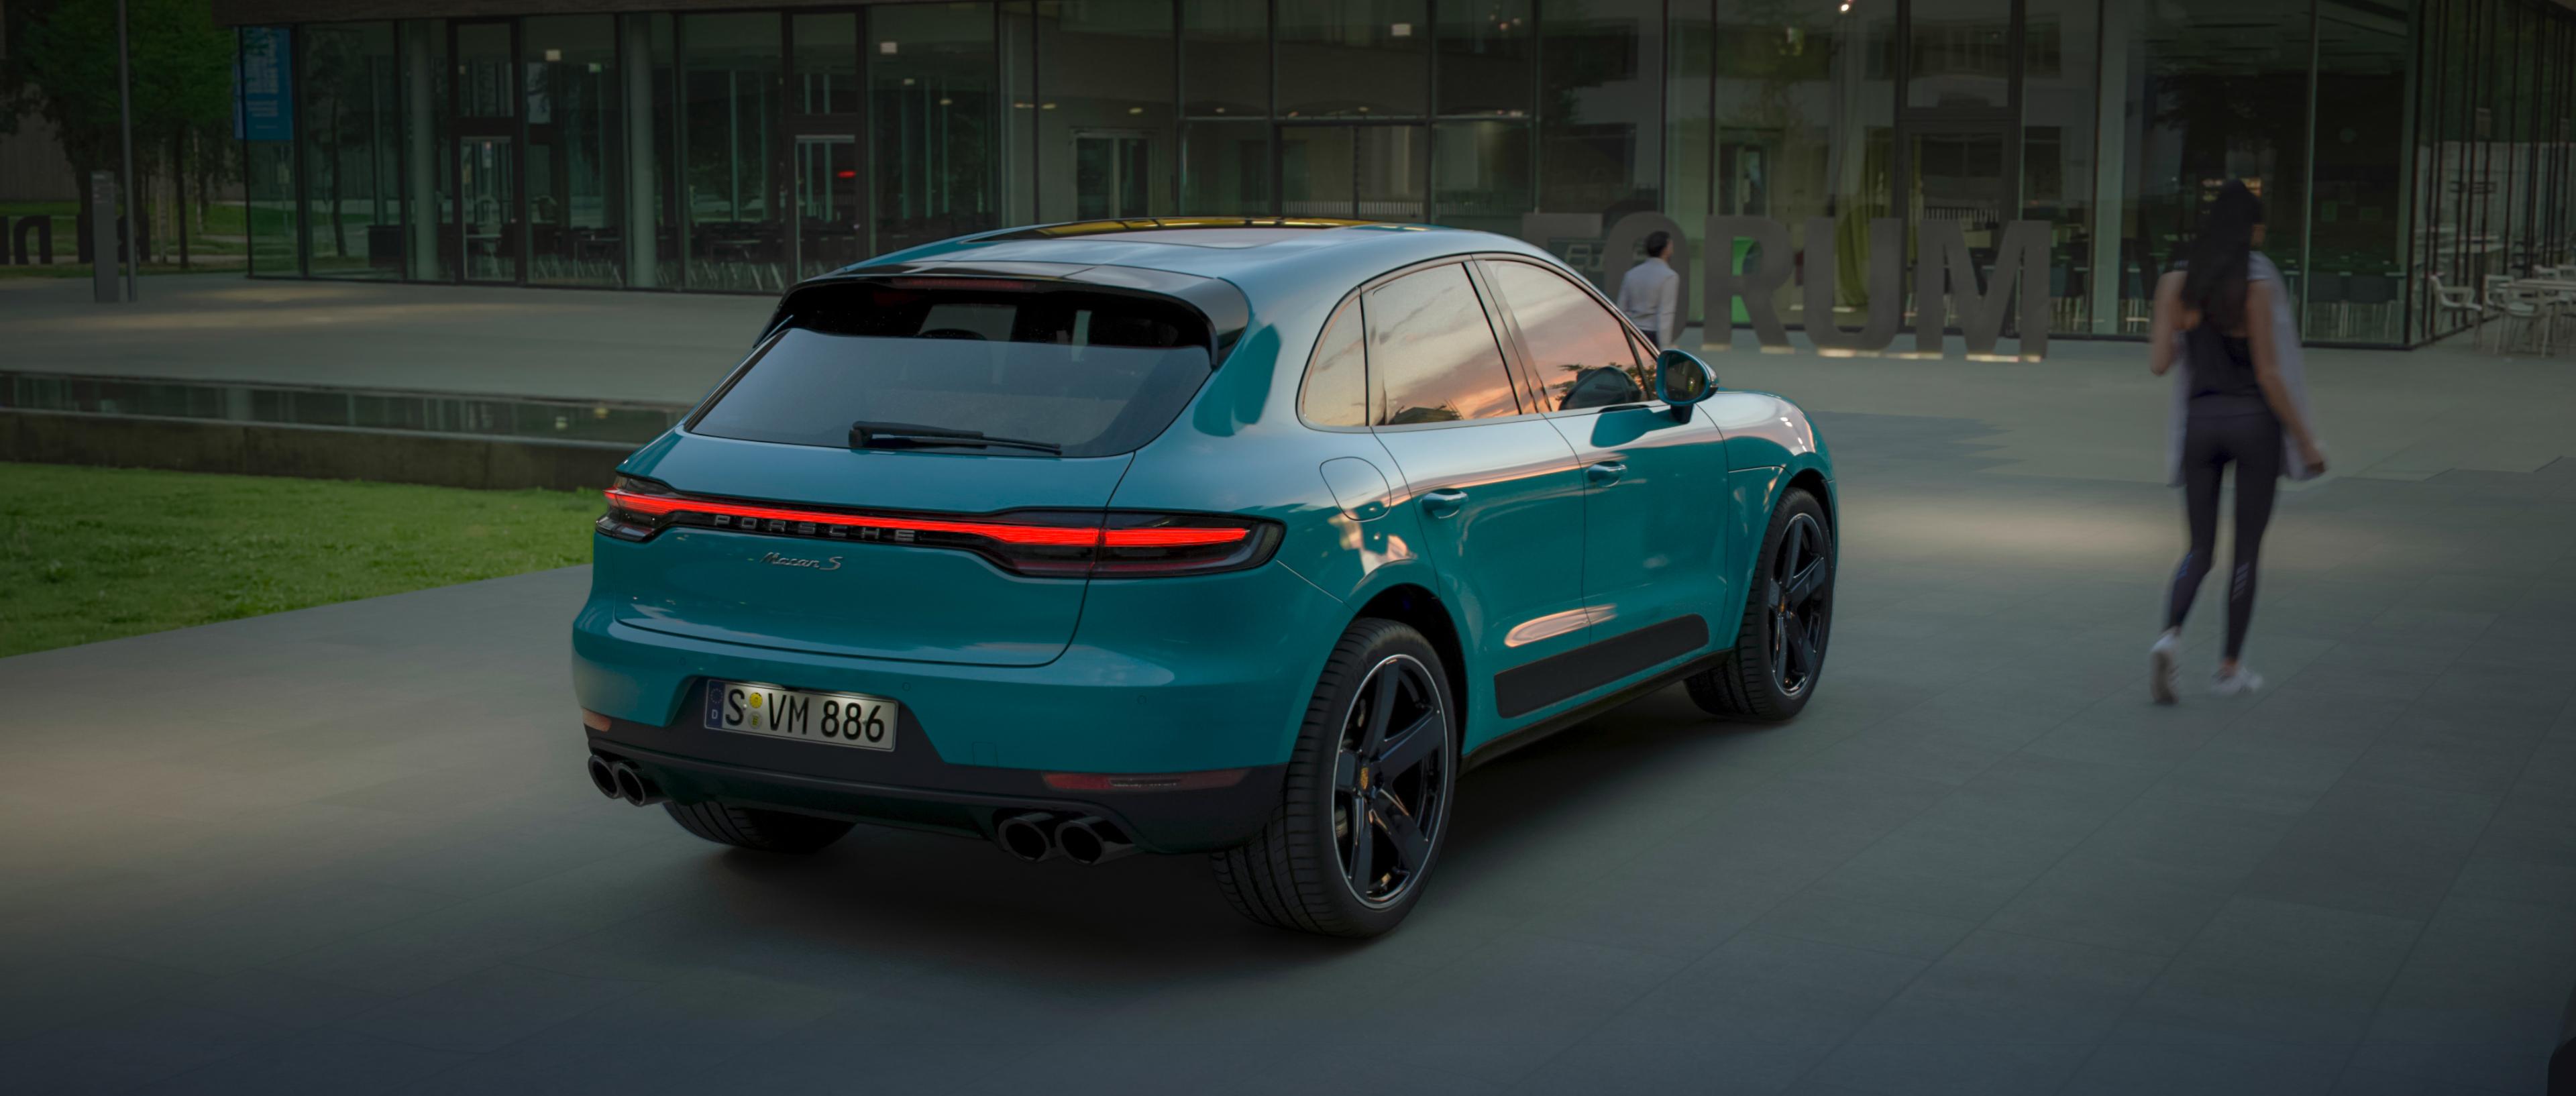 Porsche Macan Porsche Ag